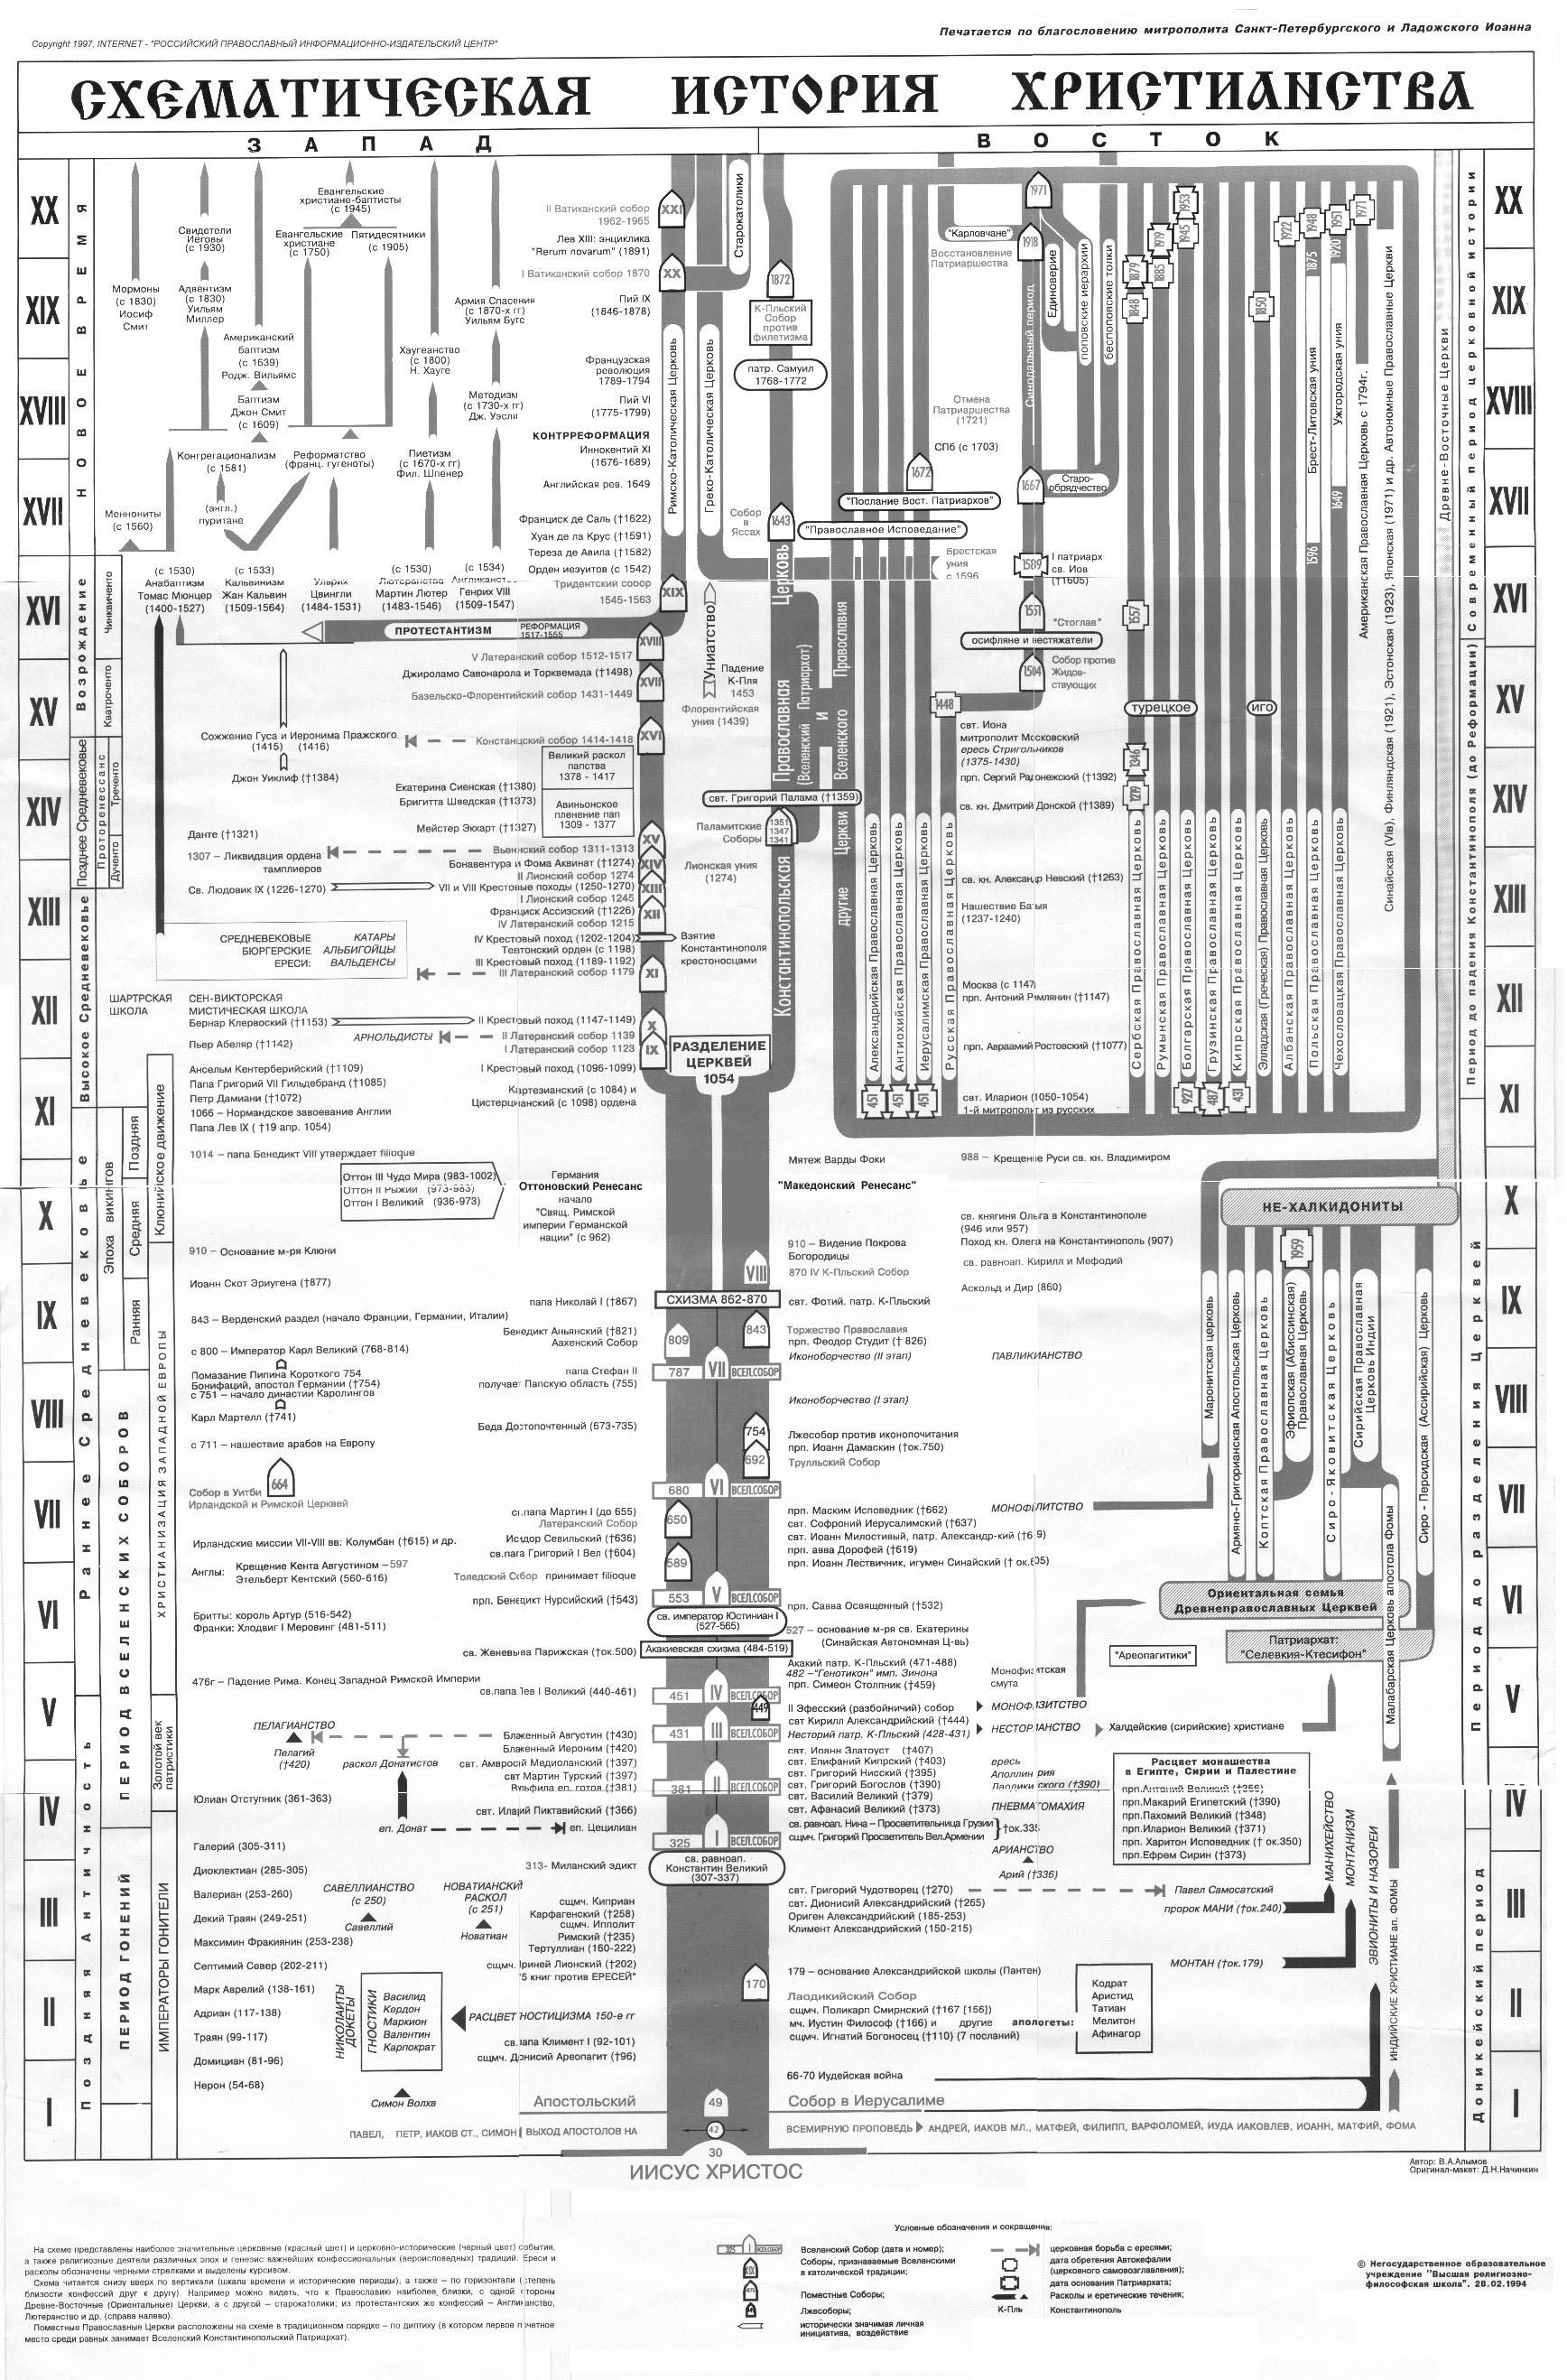 http://www.vehi.net/istoriya/general/map_sm.jpg